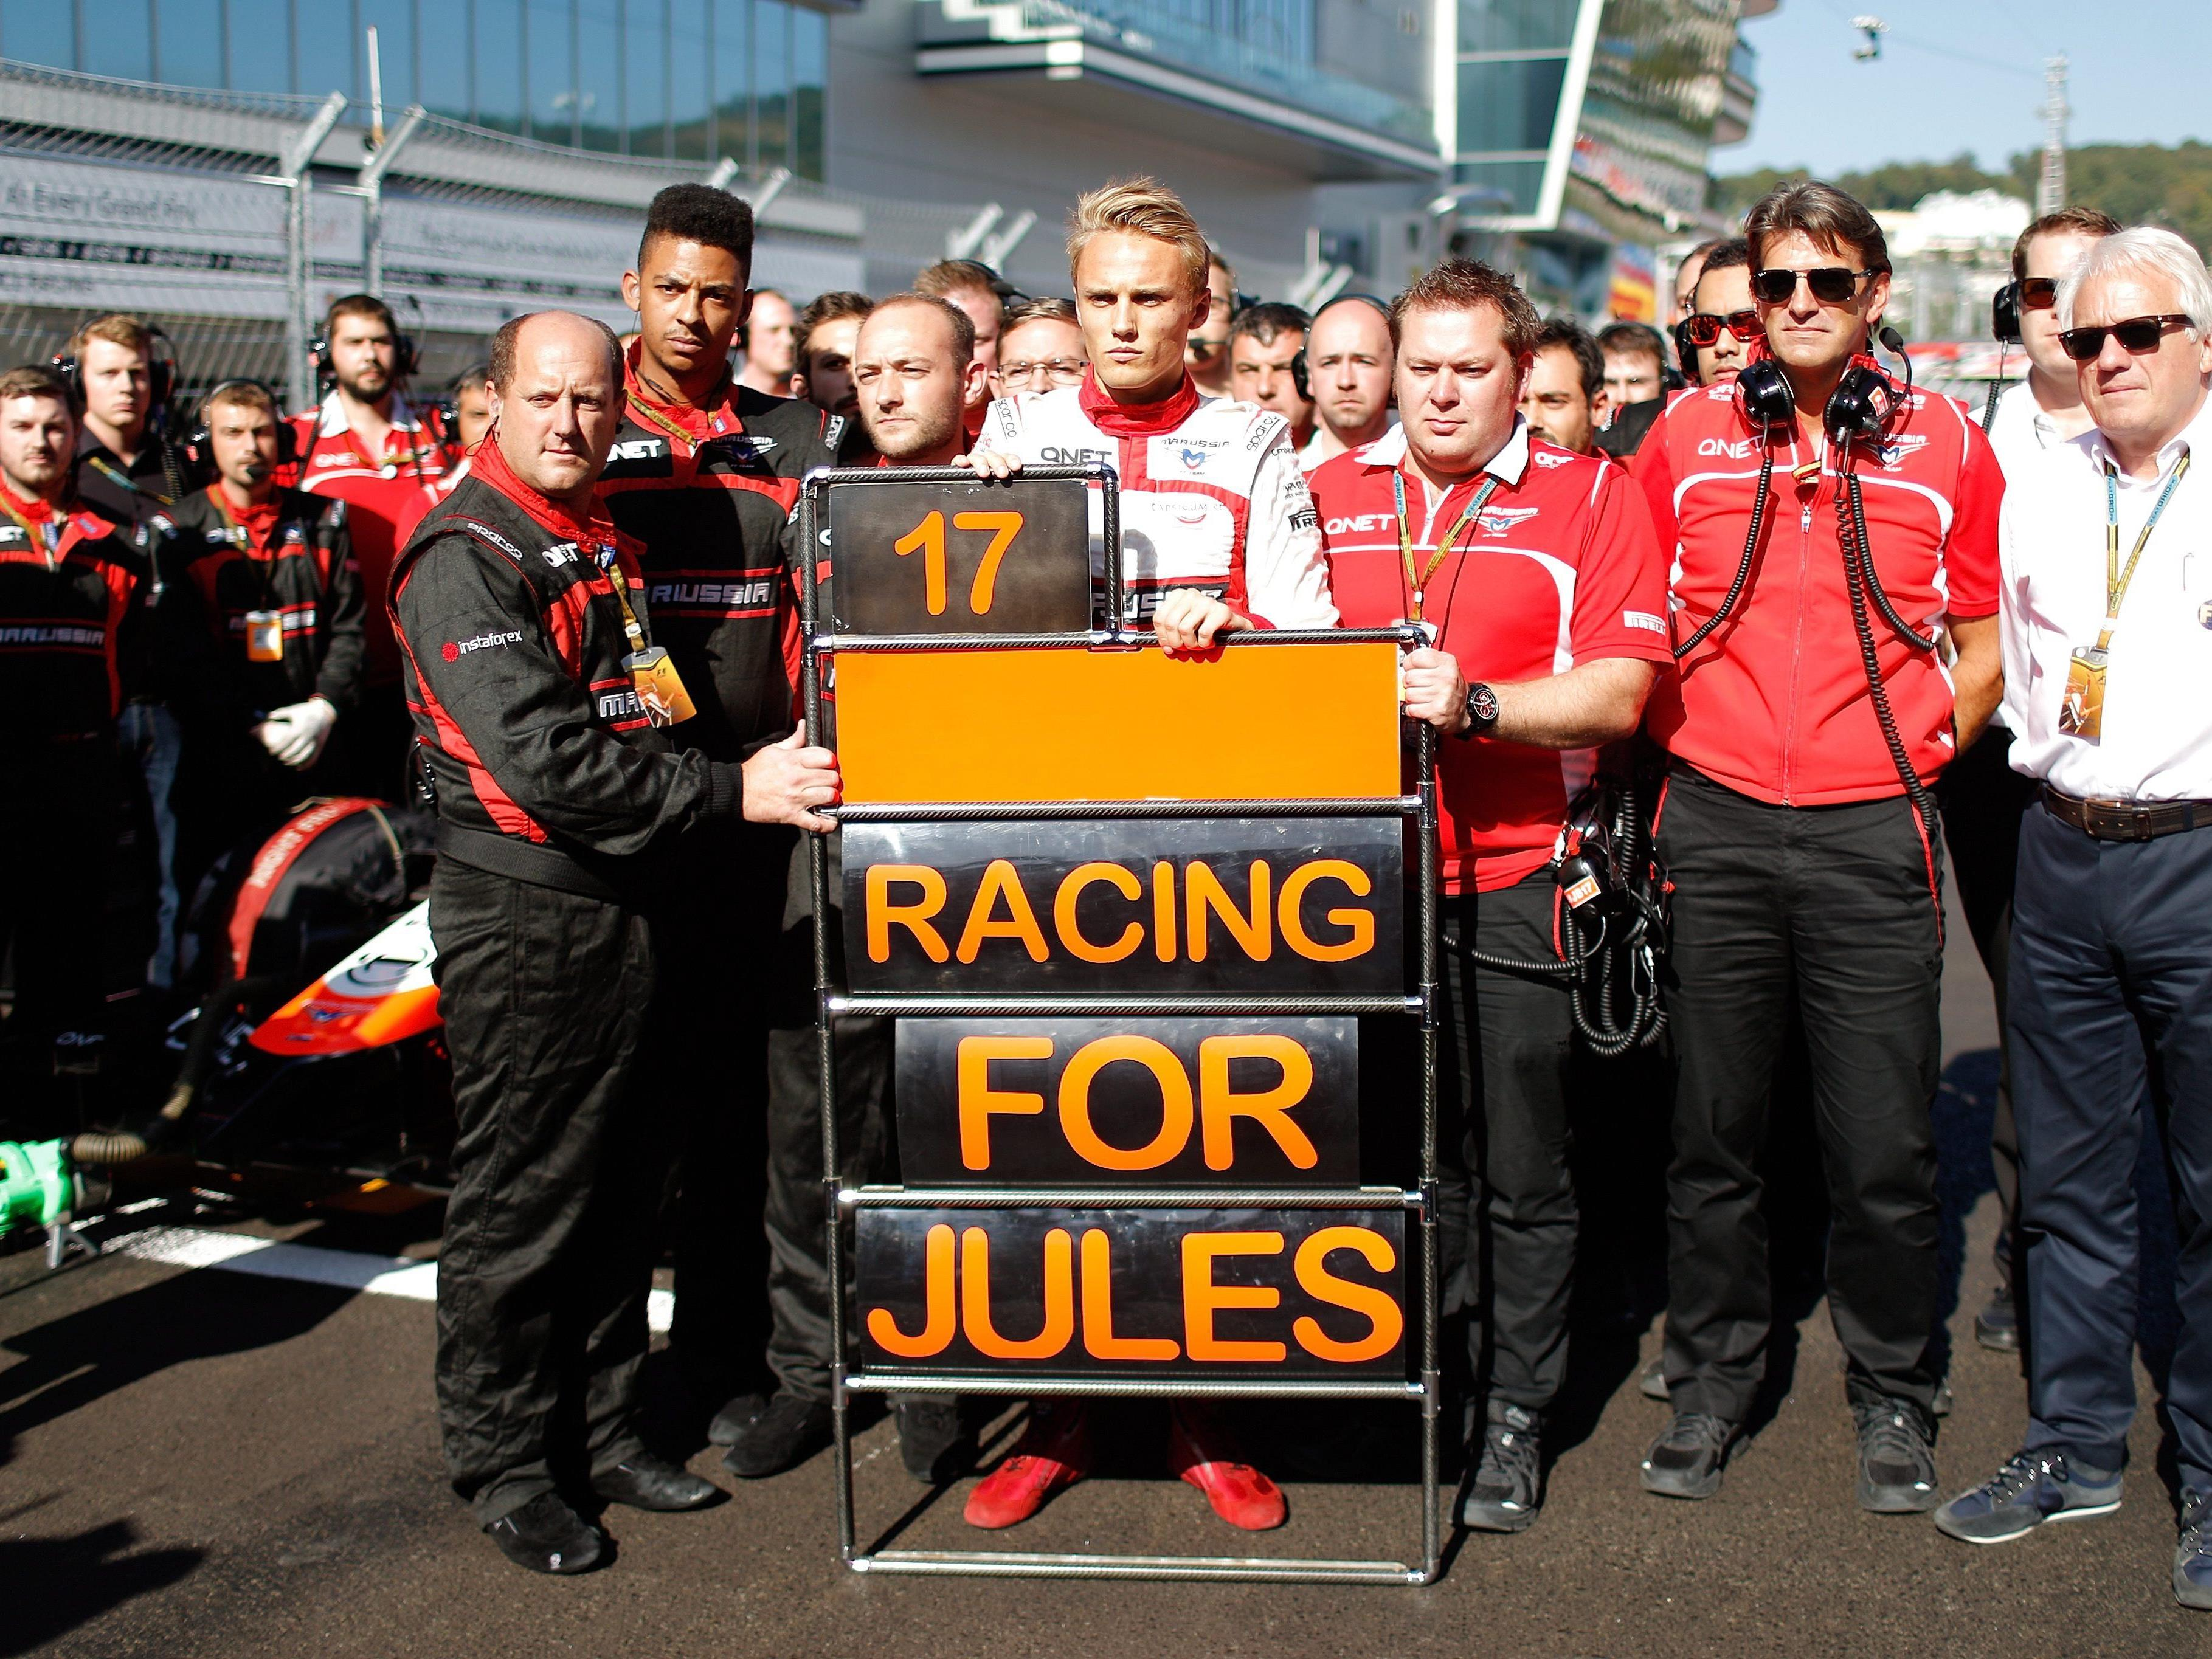 Die Formel-1-Teams zeigen ihre Anteilnahme am Unfall von Jules Bianchi.